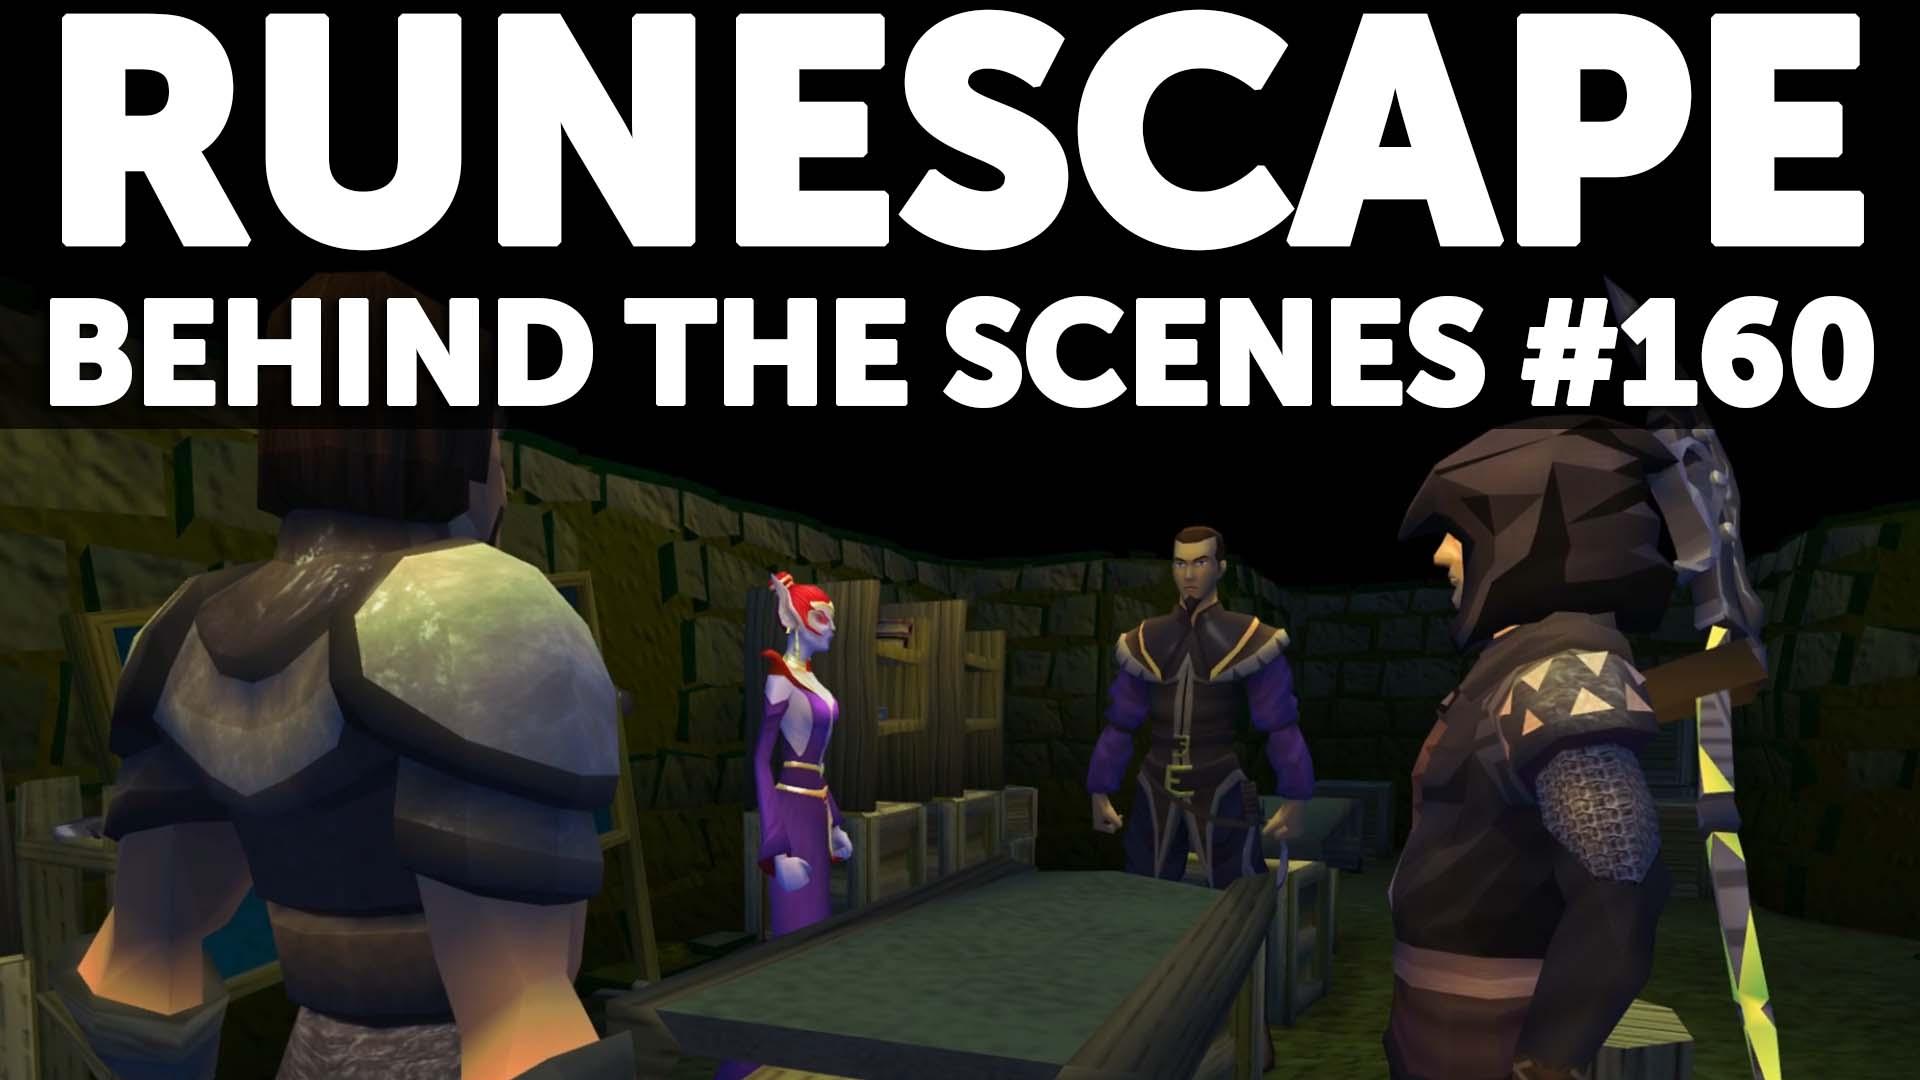 Behind the Scenes - September 2015 Teaser Image